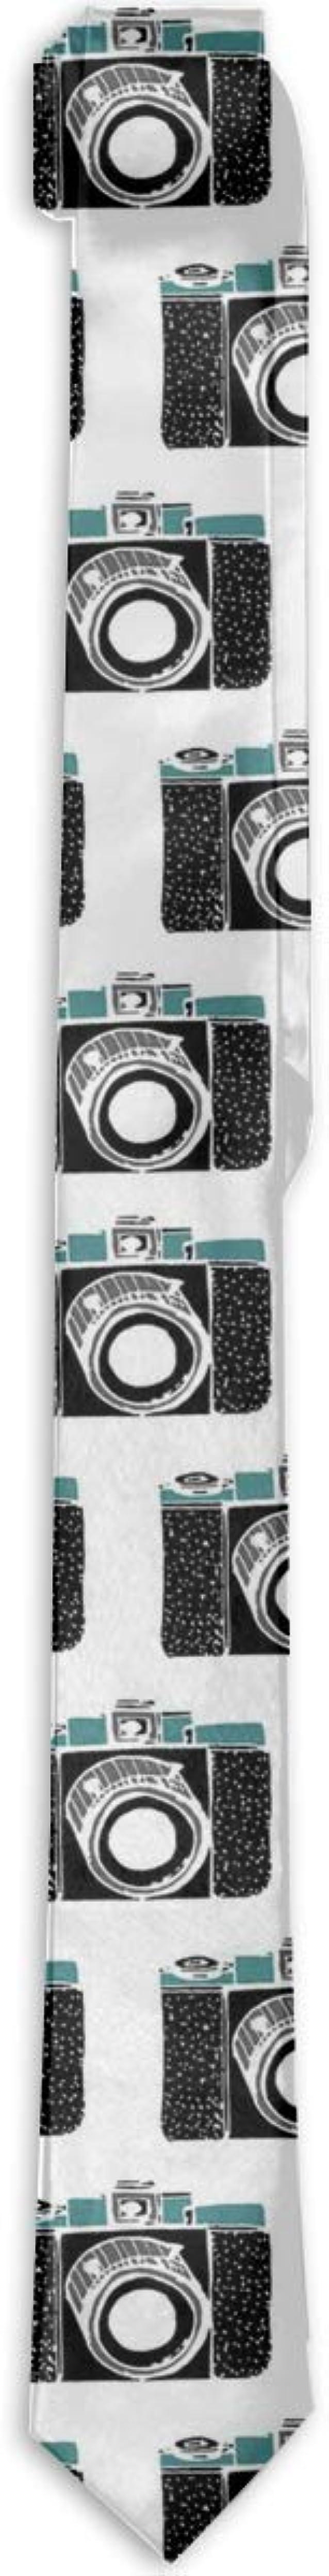 Cosicstore Accesorio de disfraz de cámara vieja, corbatas de seda ...